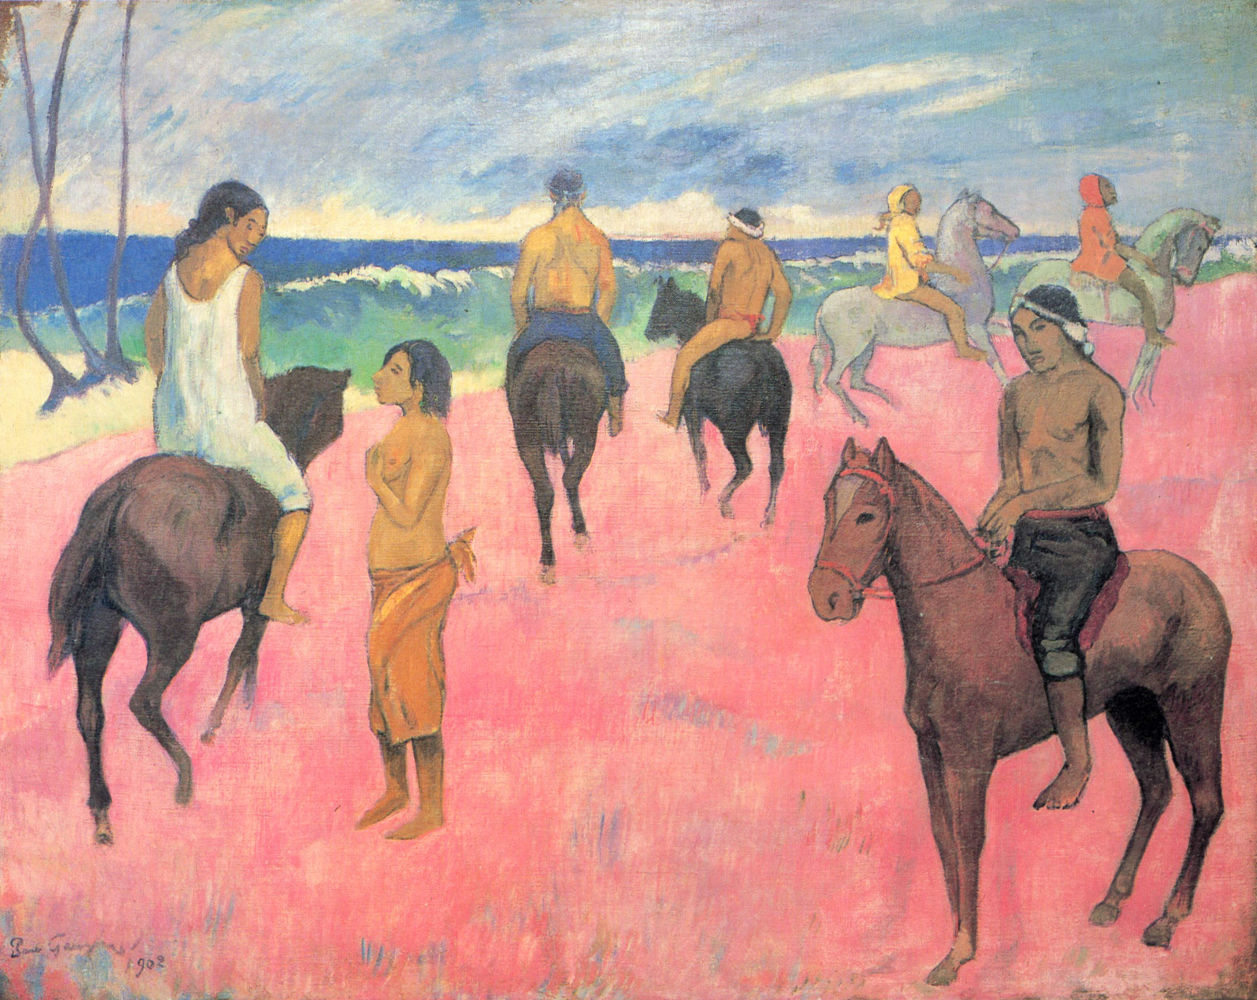 Καβαλλάρηδες στην παραλία (1902) - Συλλογή Σταύρου Νιάρχου